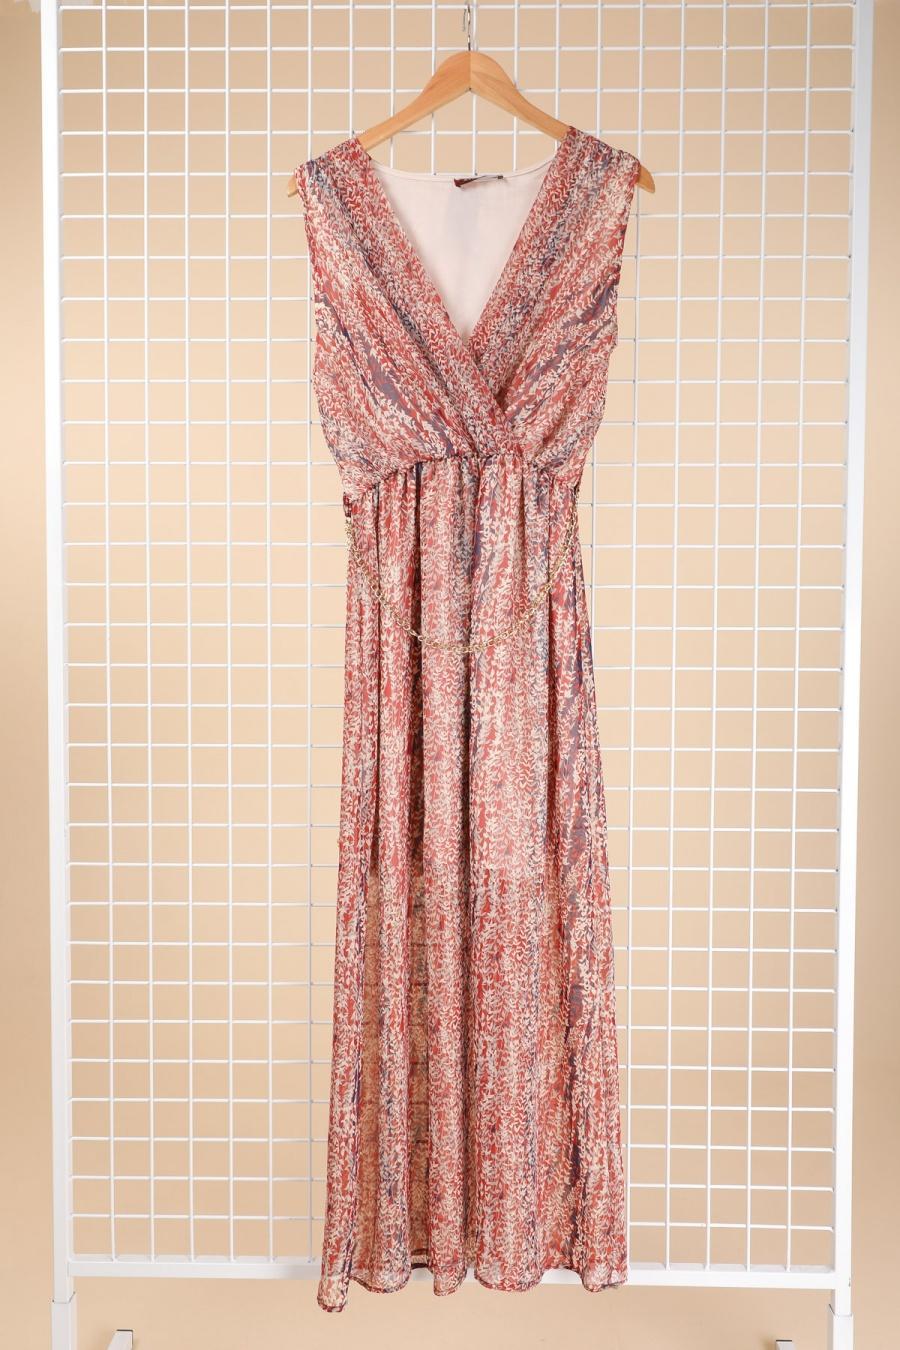 Robes longues Femme Rouge-orangé Esperance 40421 #c Efashion Paris